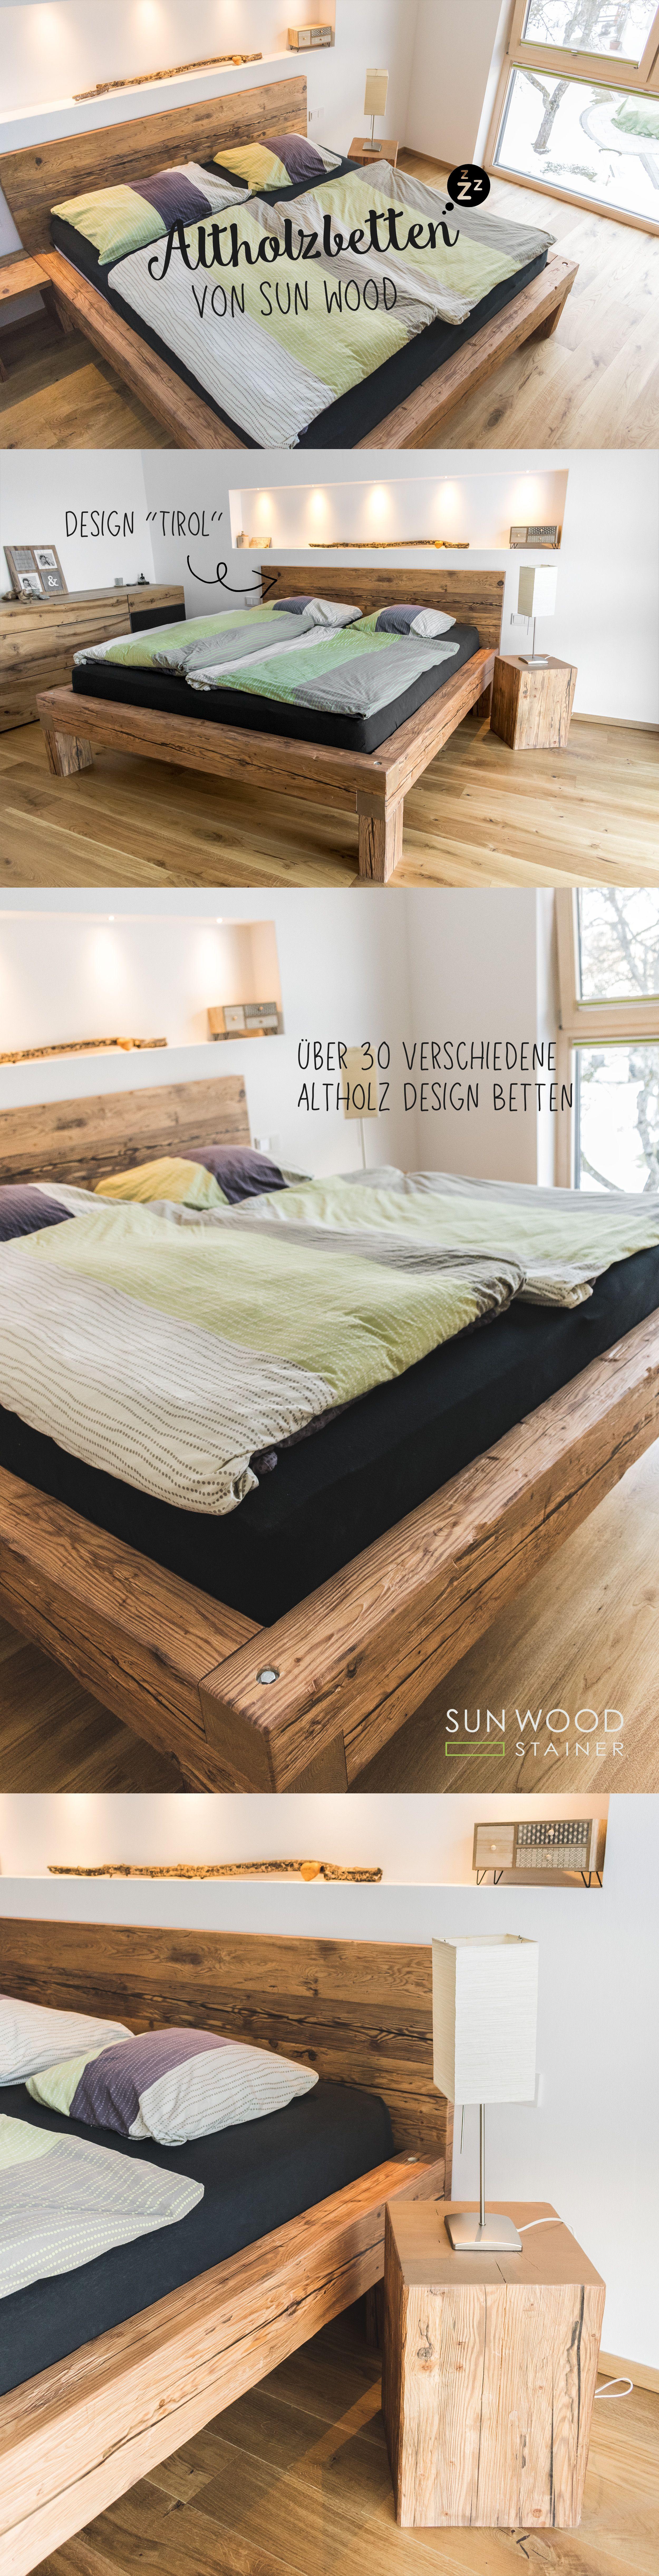 Massives Holzbett Altholzdesign Tirol 02   Schlafzimmer   Möbel